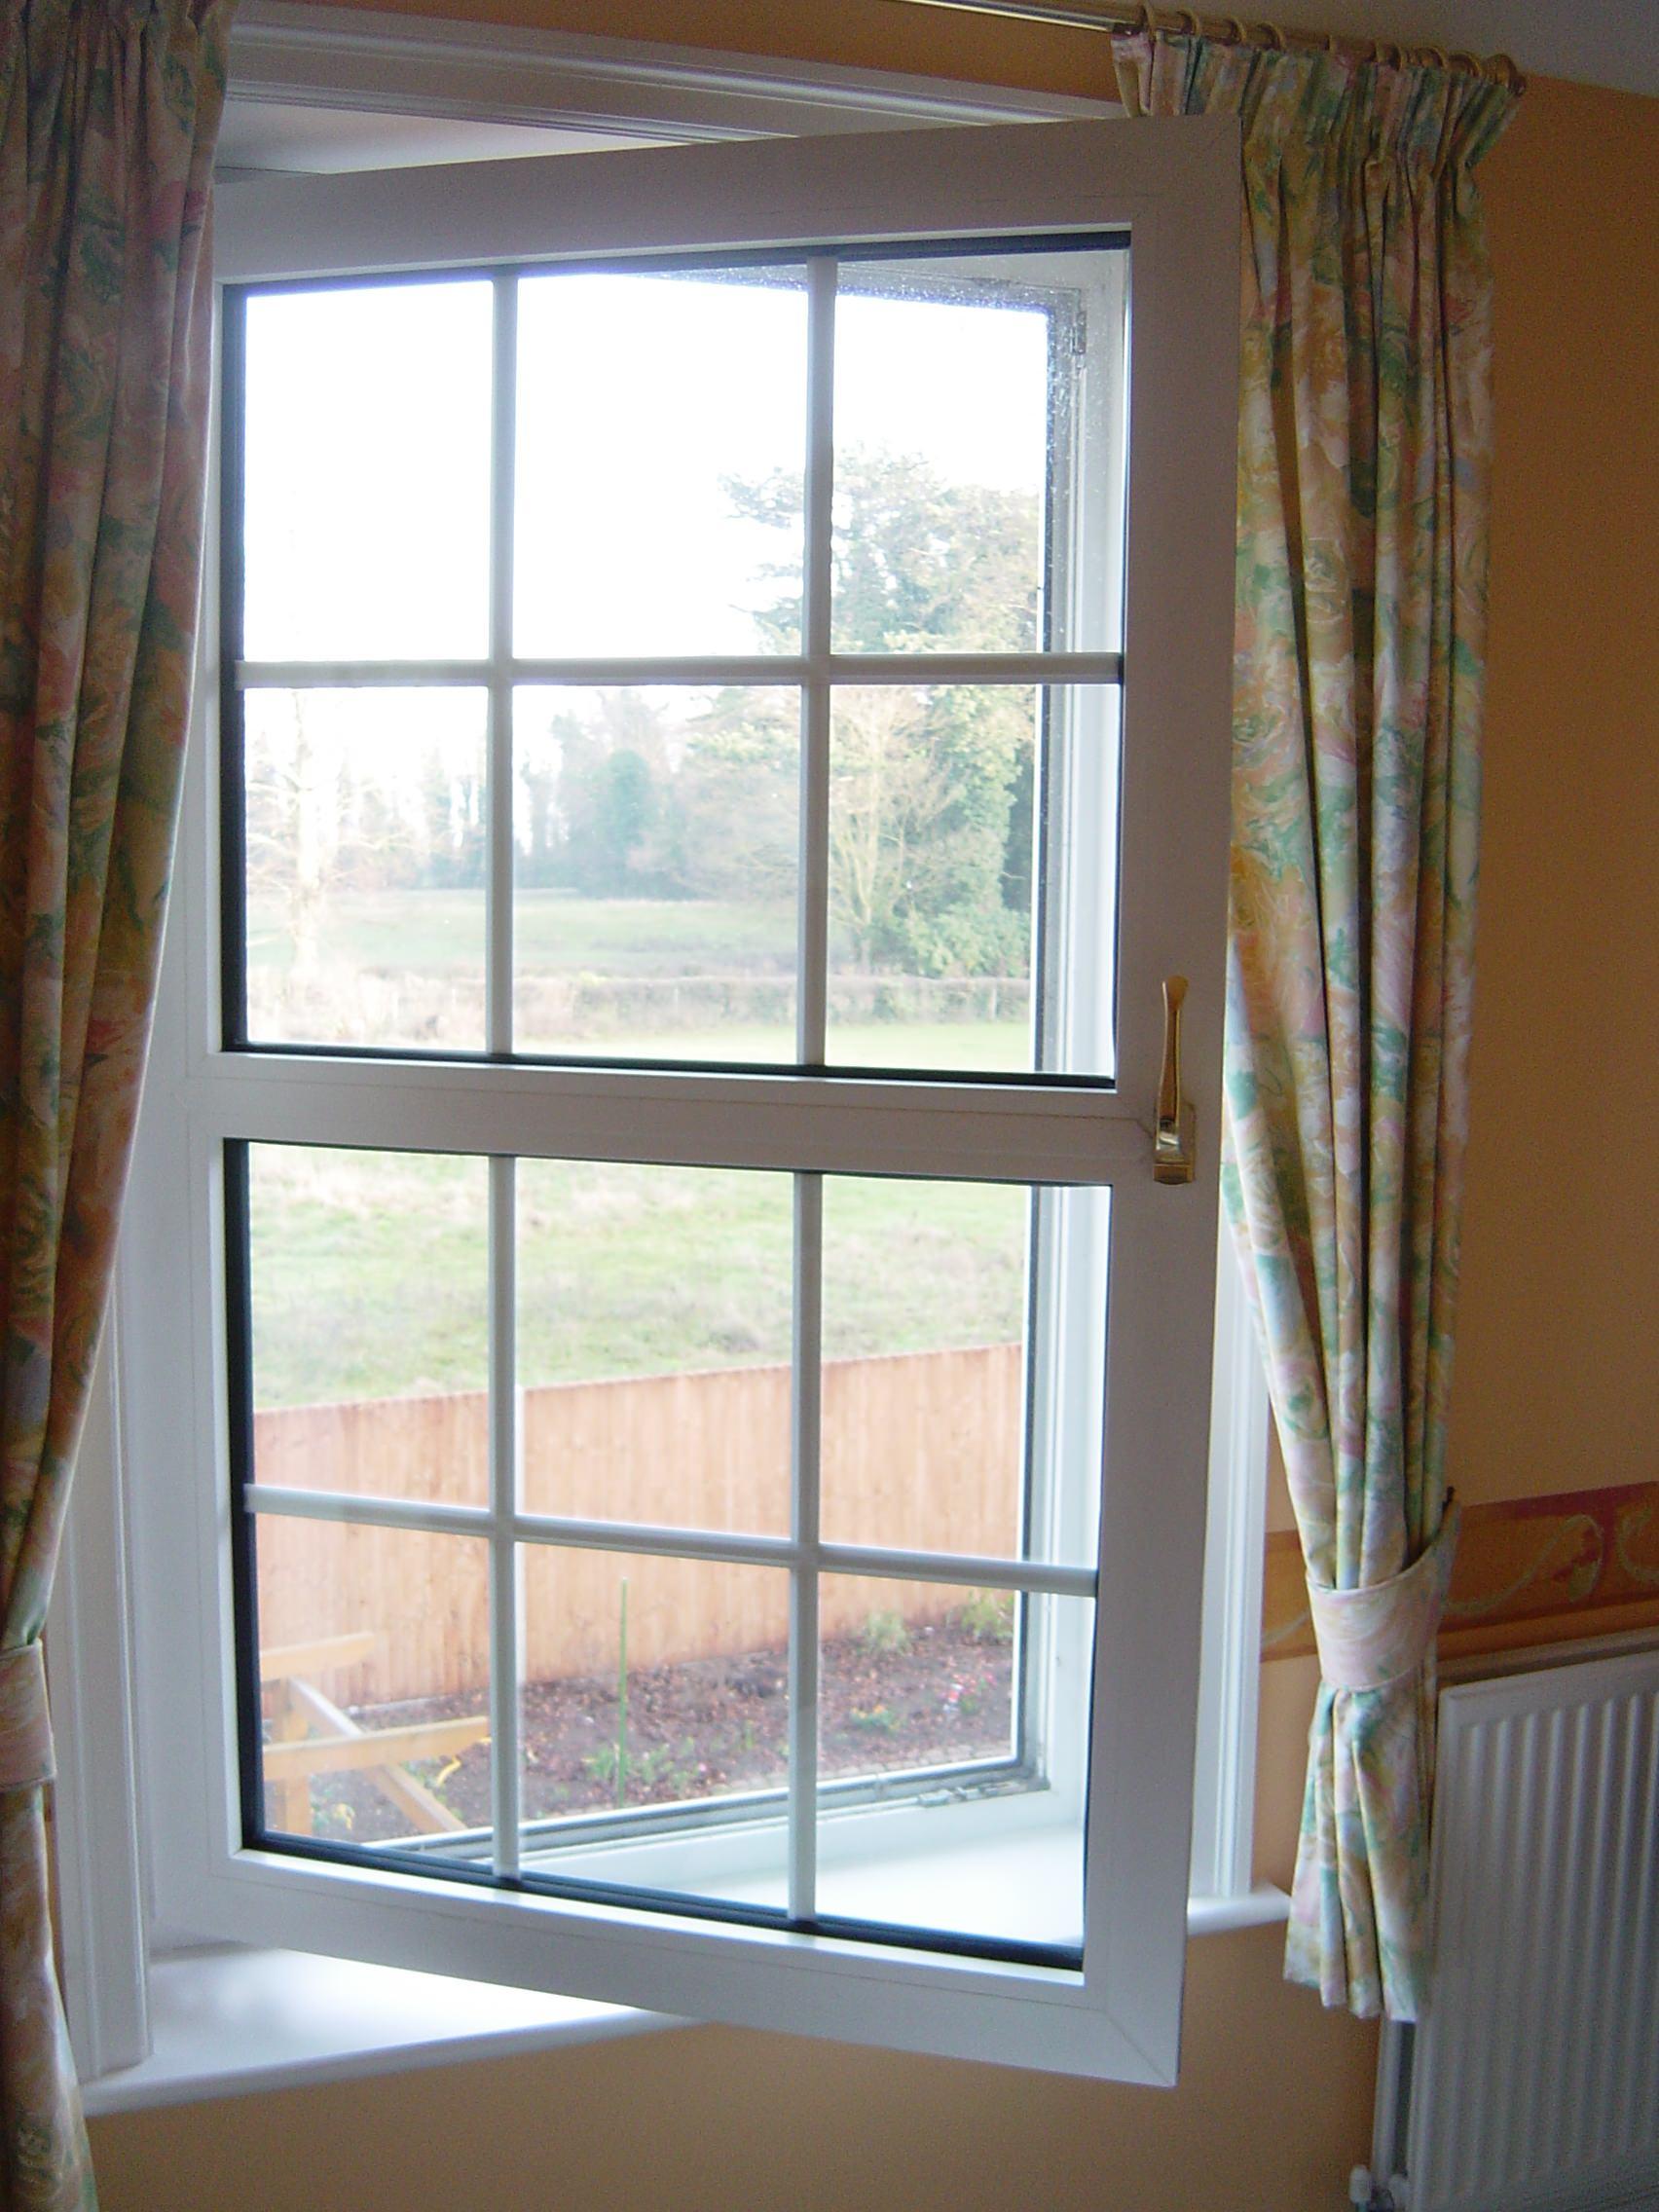 Windows Tilt And Fold : Tilt and turn window a windows